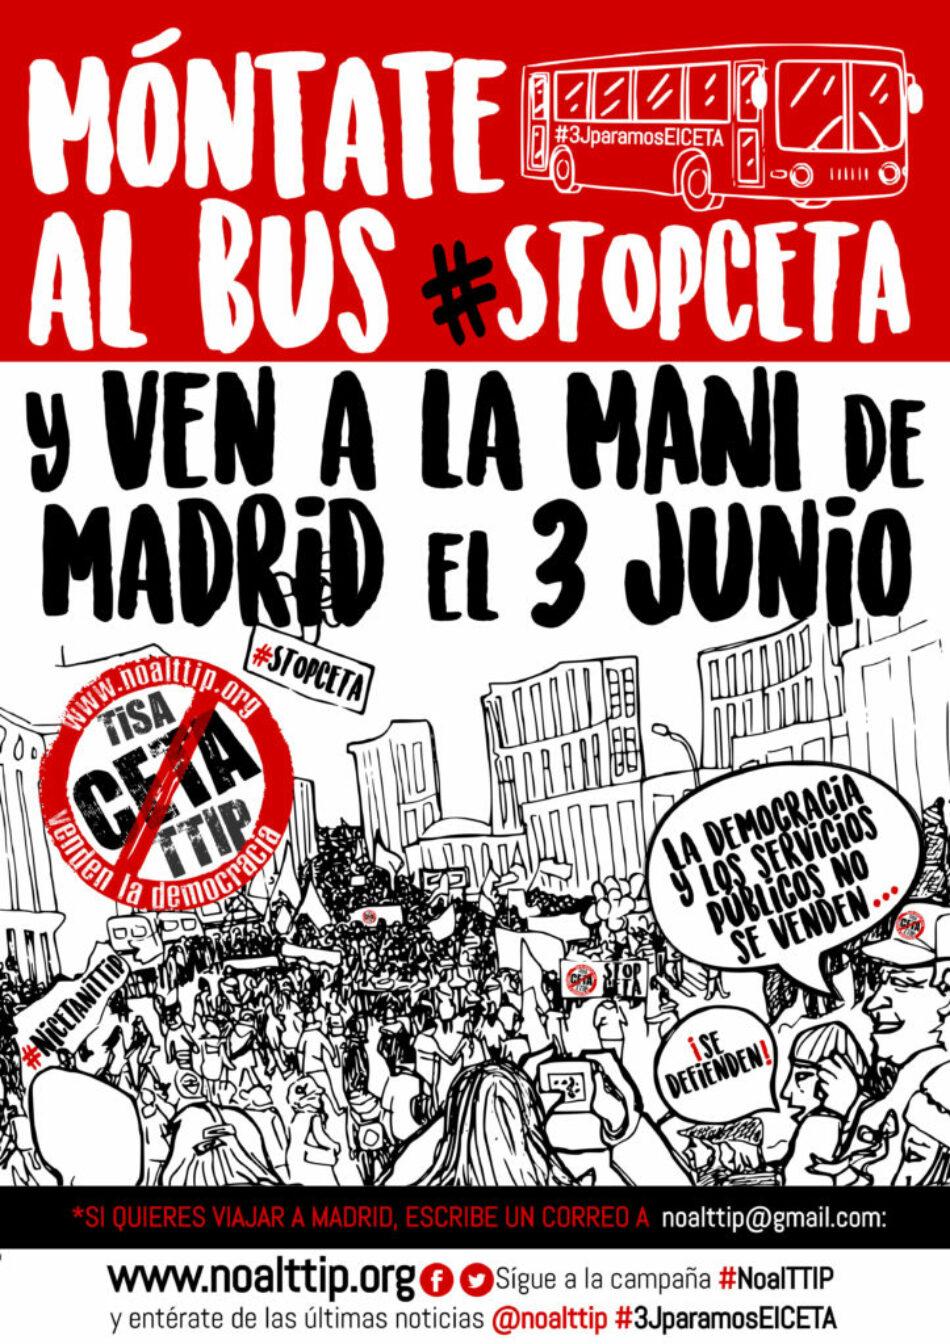 Concejales del Ayuntamiento de Madrid muestran su apoyo a la manifestación #StopCETA del 3 de junio